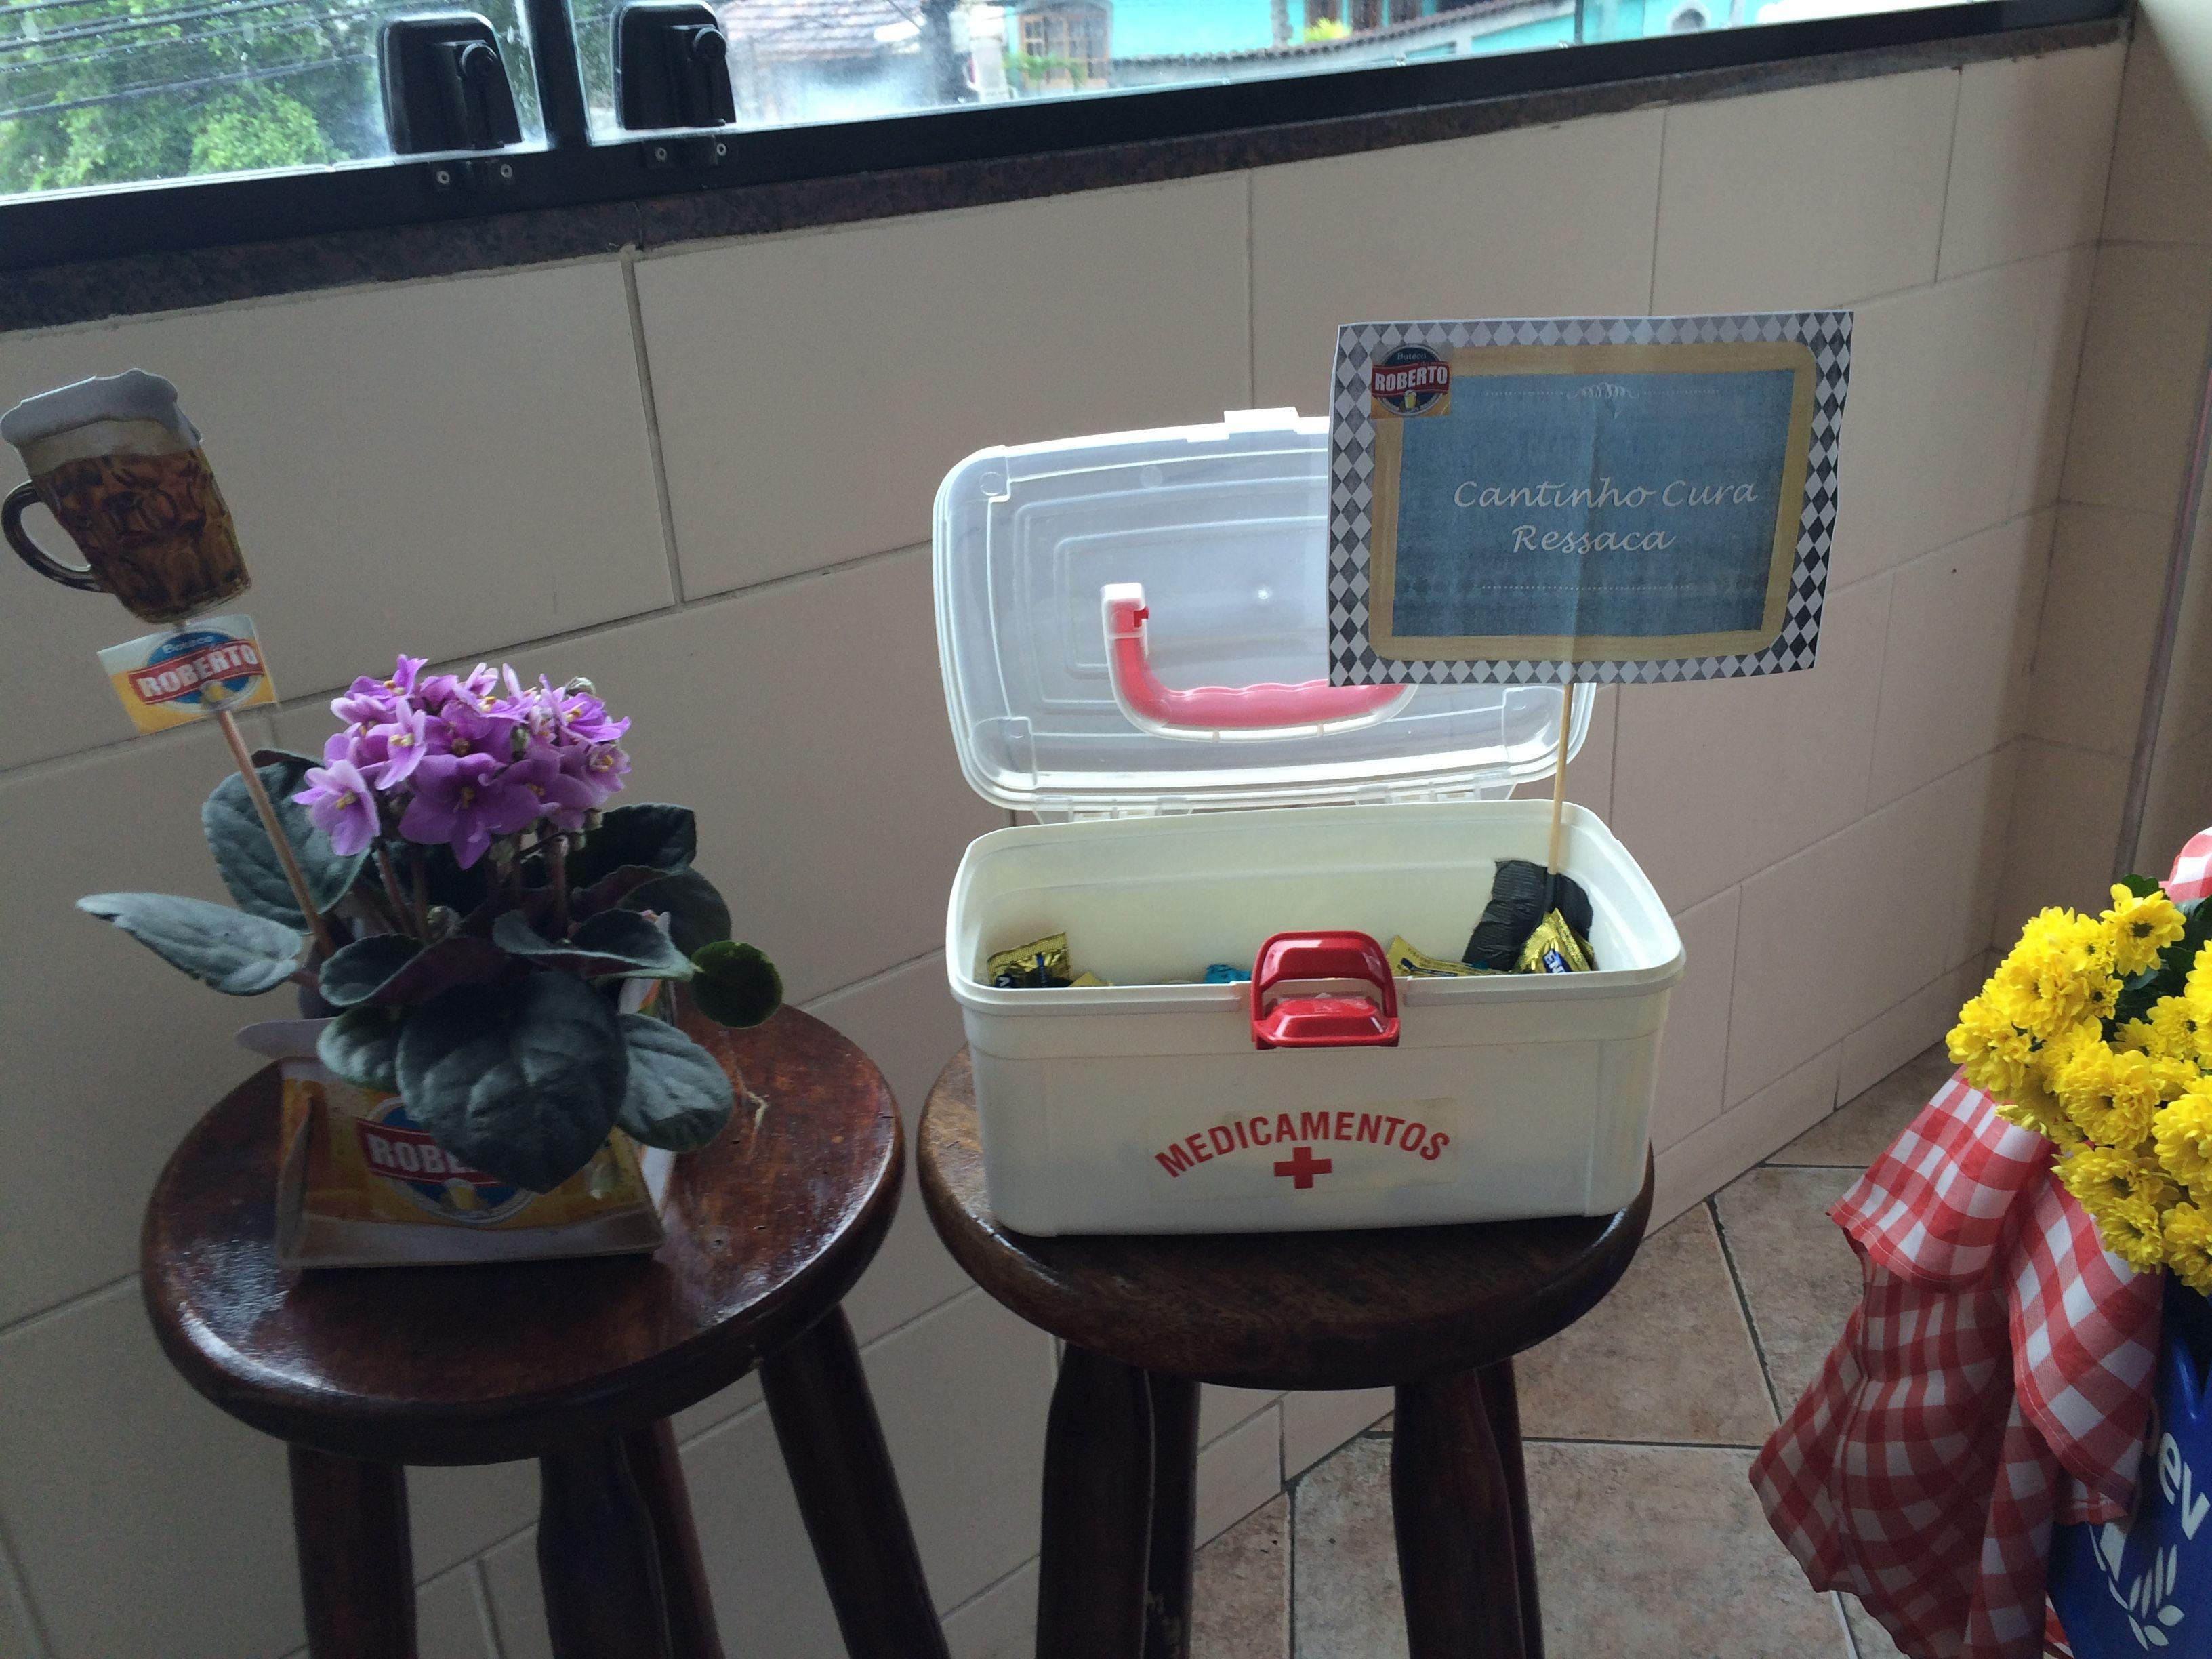 Festa de Boteco.  Tema: Boteco do Roberto 70. Em 10-09-2015. Coisas que amo fazer para minha família. Bolos Thiengo-Fernando +55 (21) 99190-7650.  #DIY  #decoraçãofestacaseira  #hobby  #festadeboteco  #alegria  #prazer